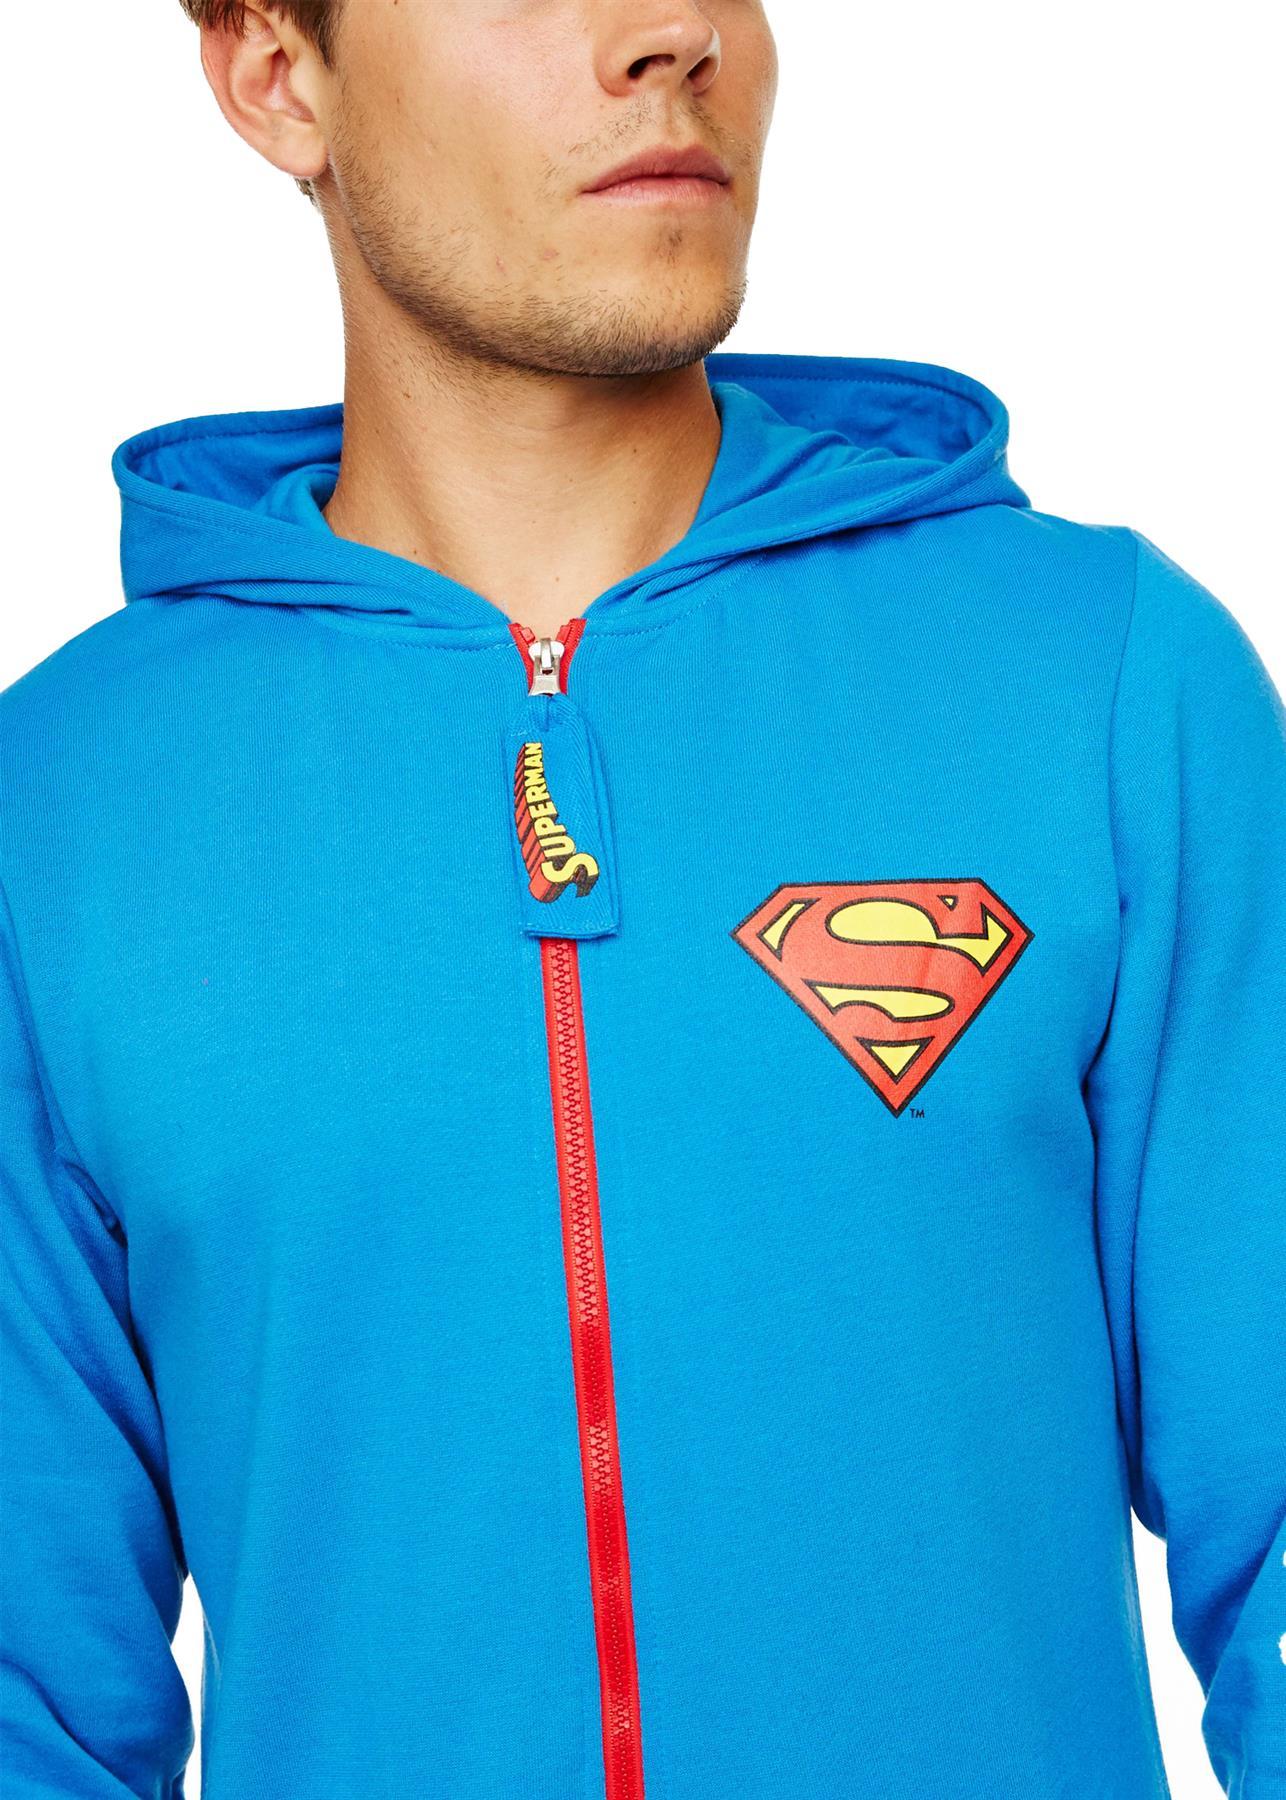 Homme-Deadpool-Superman-Darth-Vader-a-Capuche-Combinaison-Fermeture-Eclair-Tout-En-Un-1-Grenouillere miniature 9